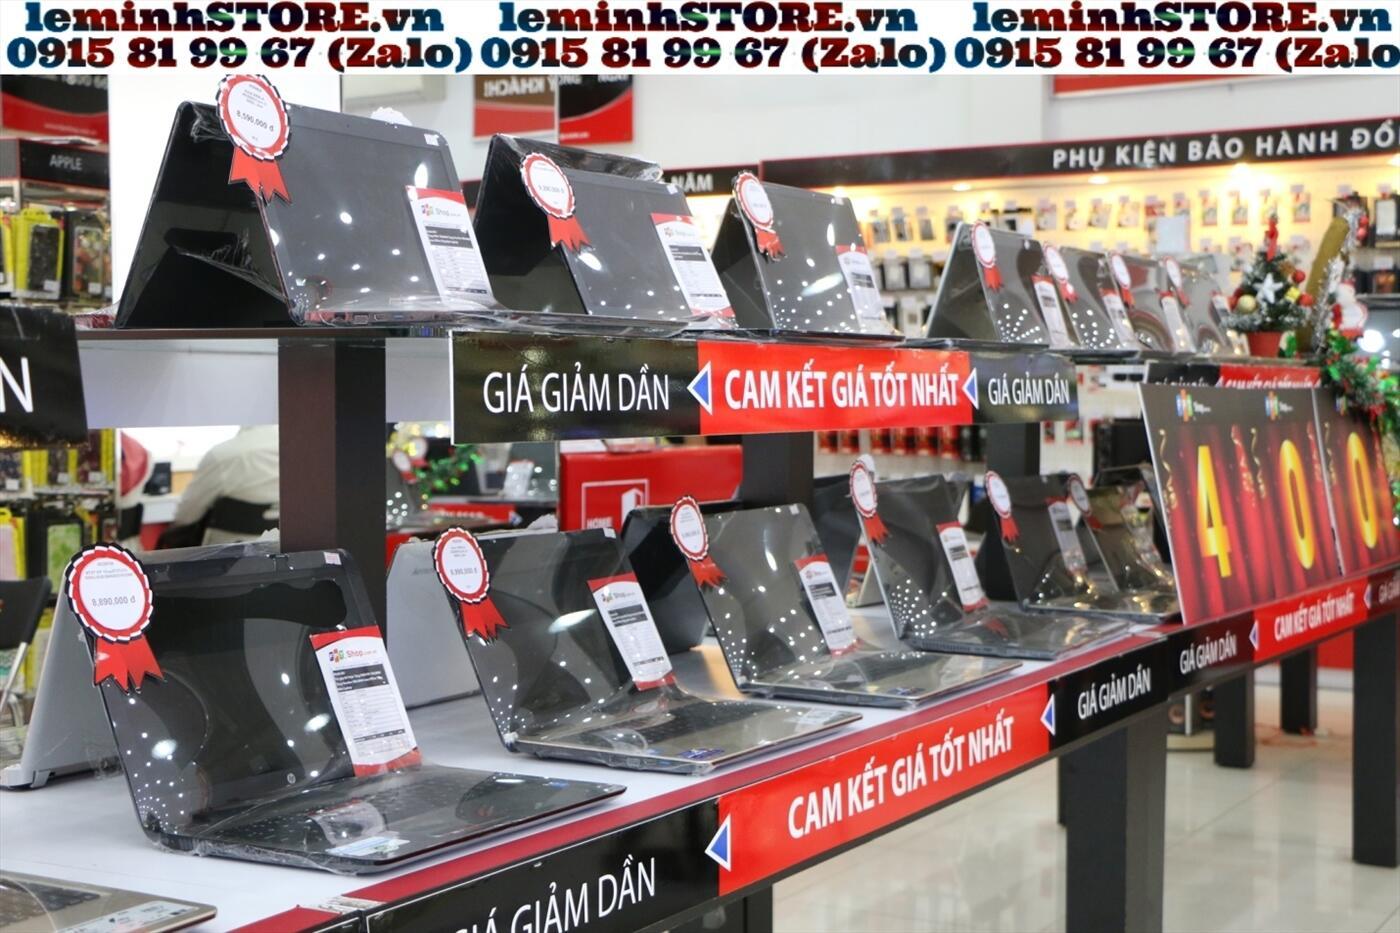 địa chỉ bán laptop cũ uy tín tại Đà Nẵng, http://leminhstore.vn/kinh-nghiem-mua-laptop-375869t.html